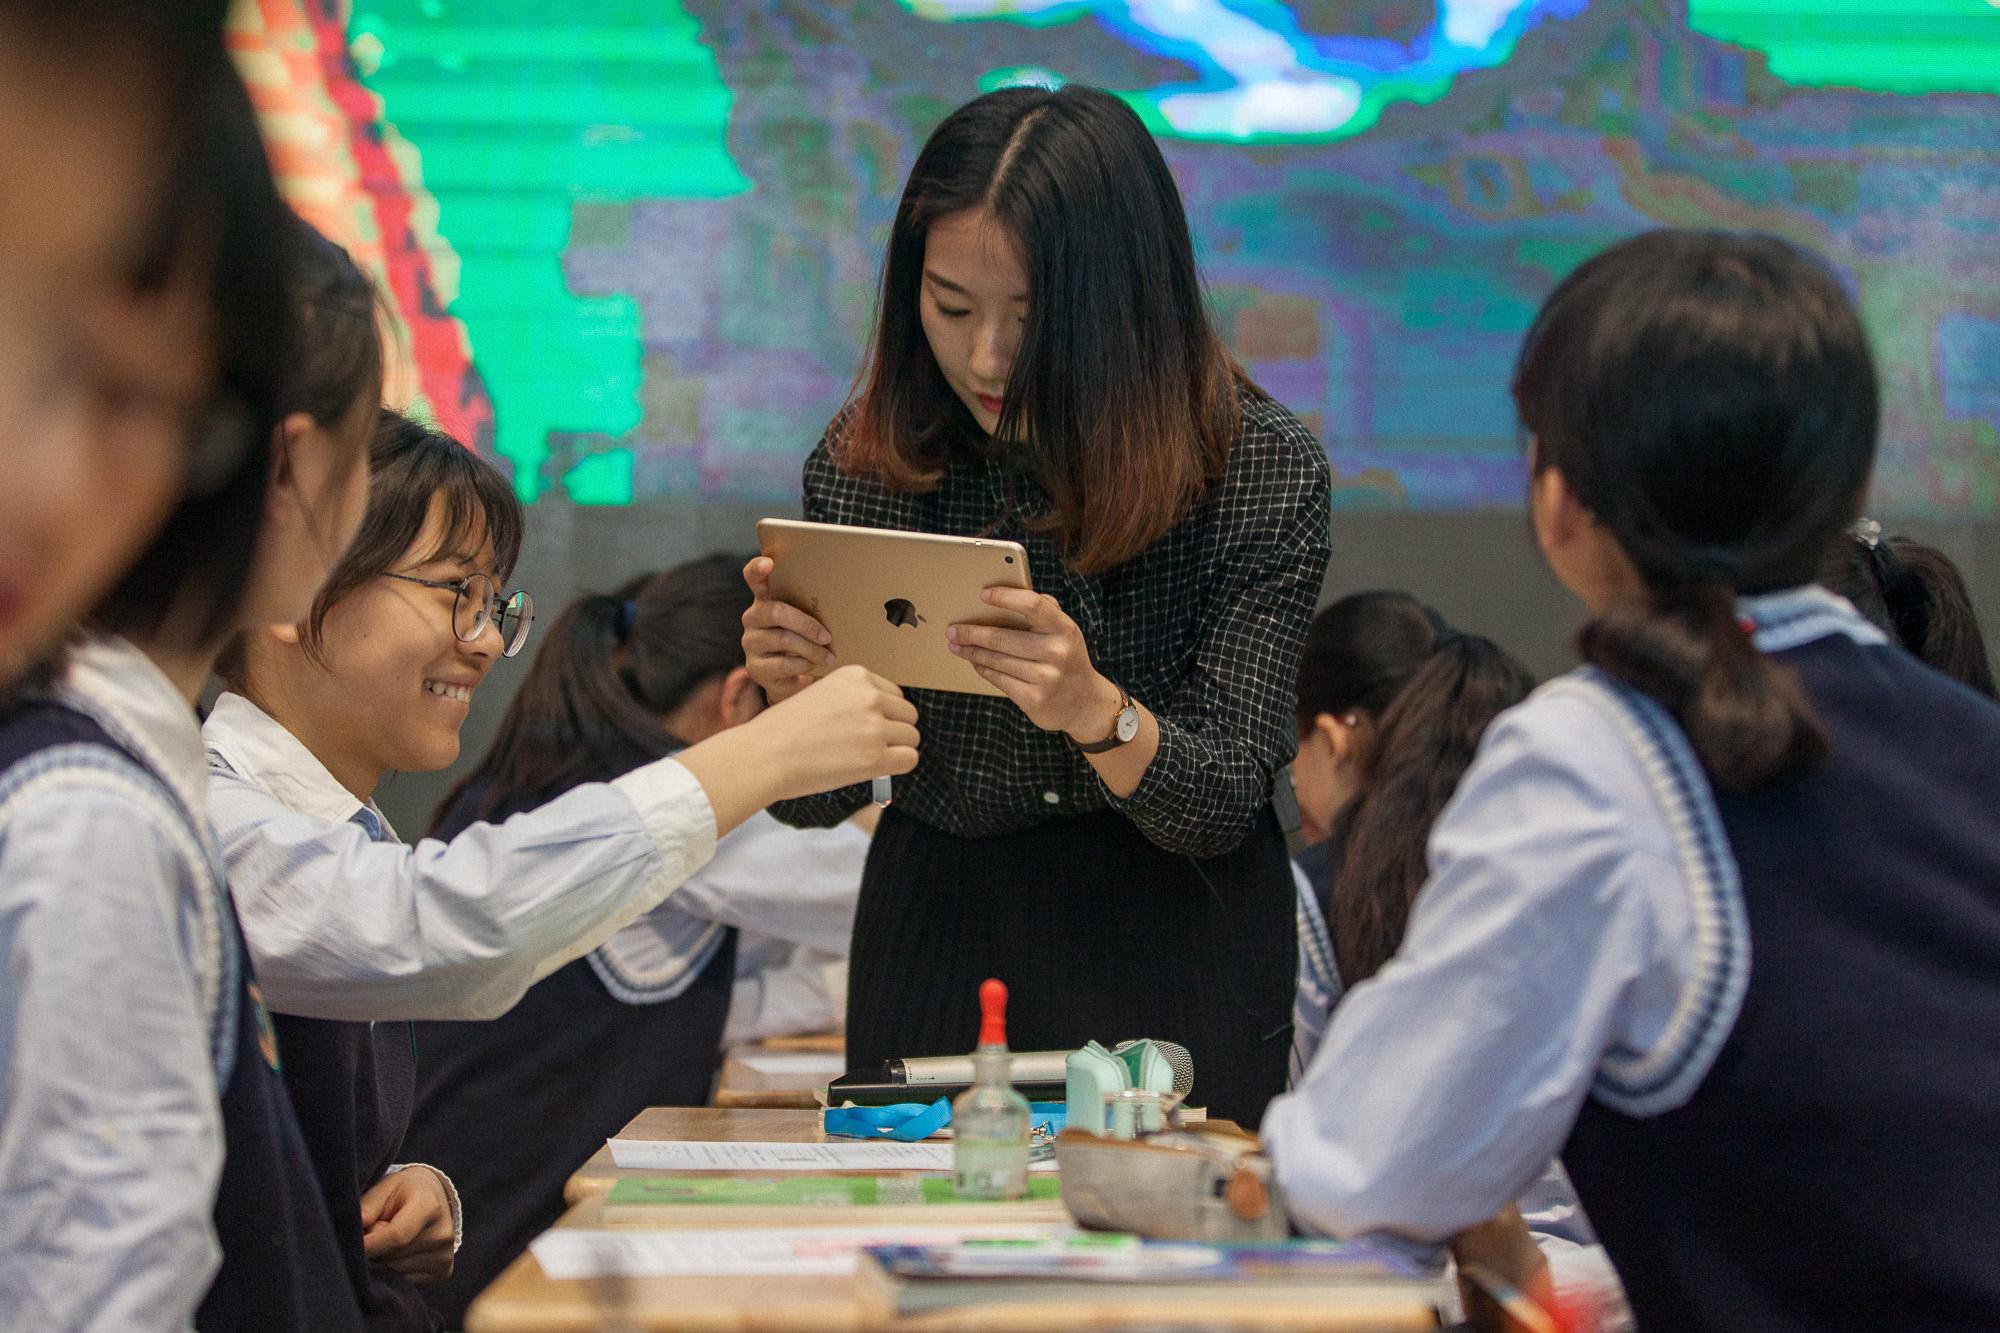 崔云老师的复习课《初探碳酸盐的形成和转化》